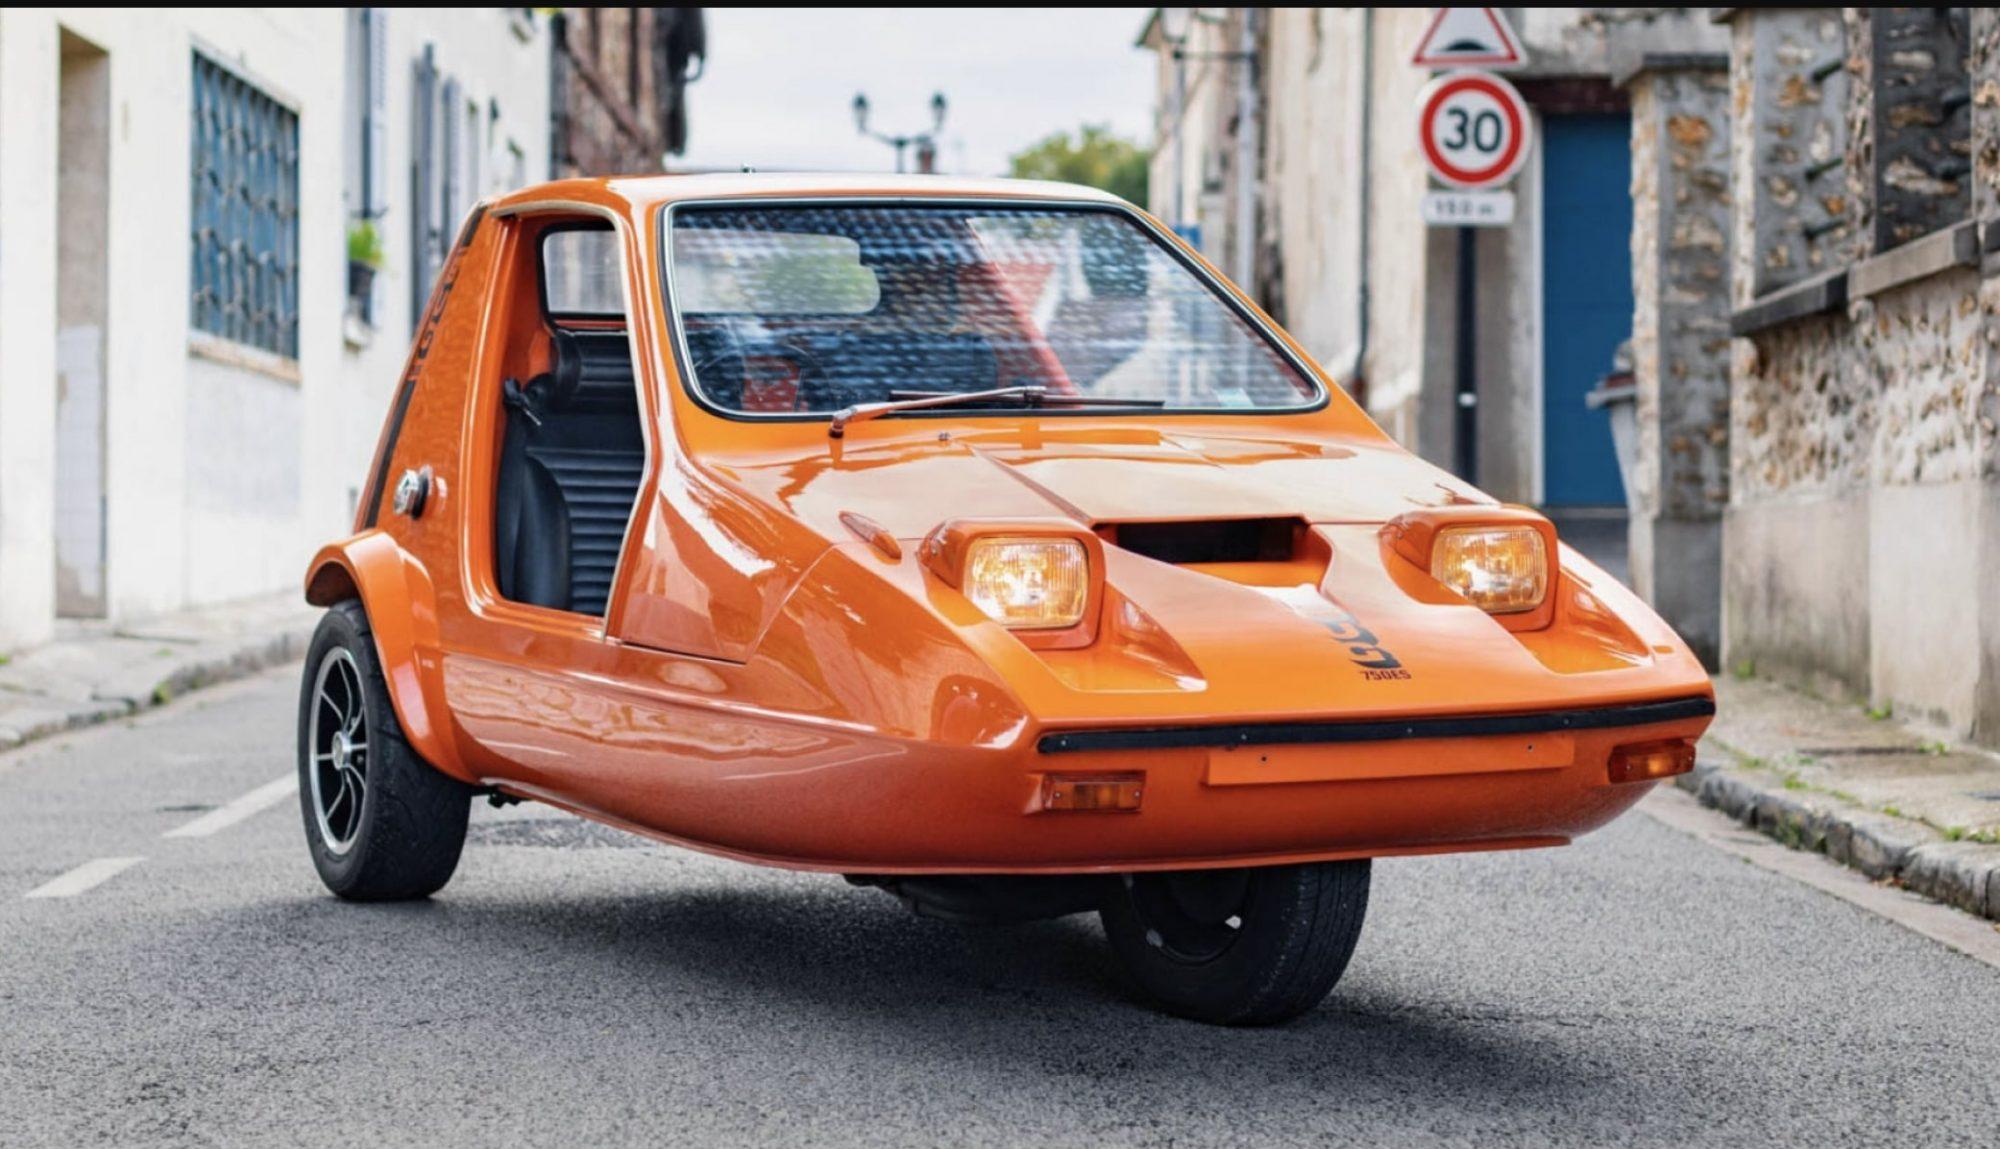 Pour 30 000 €, cette voiture de poche est à vous